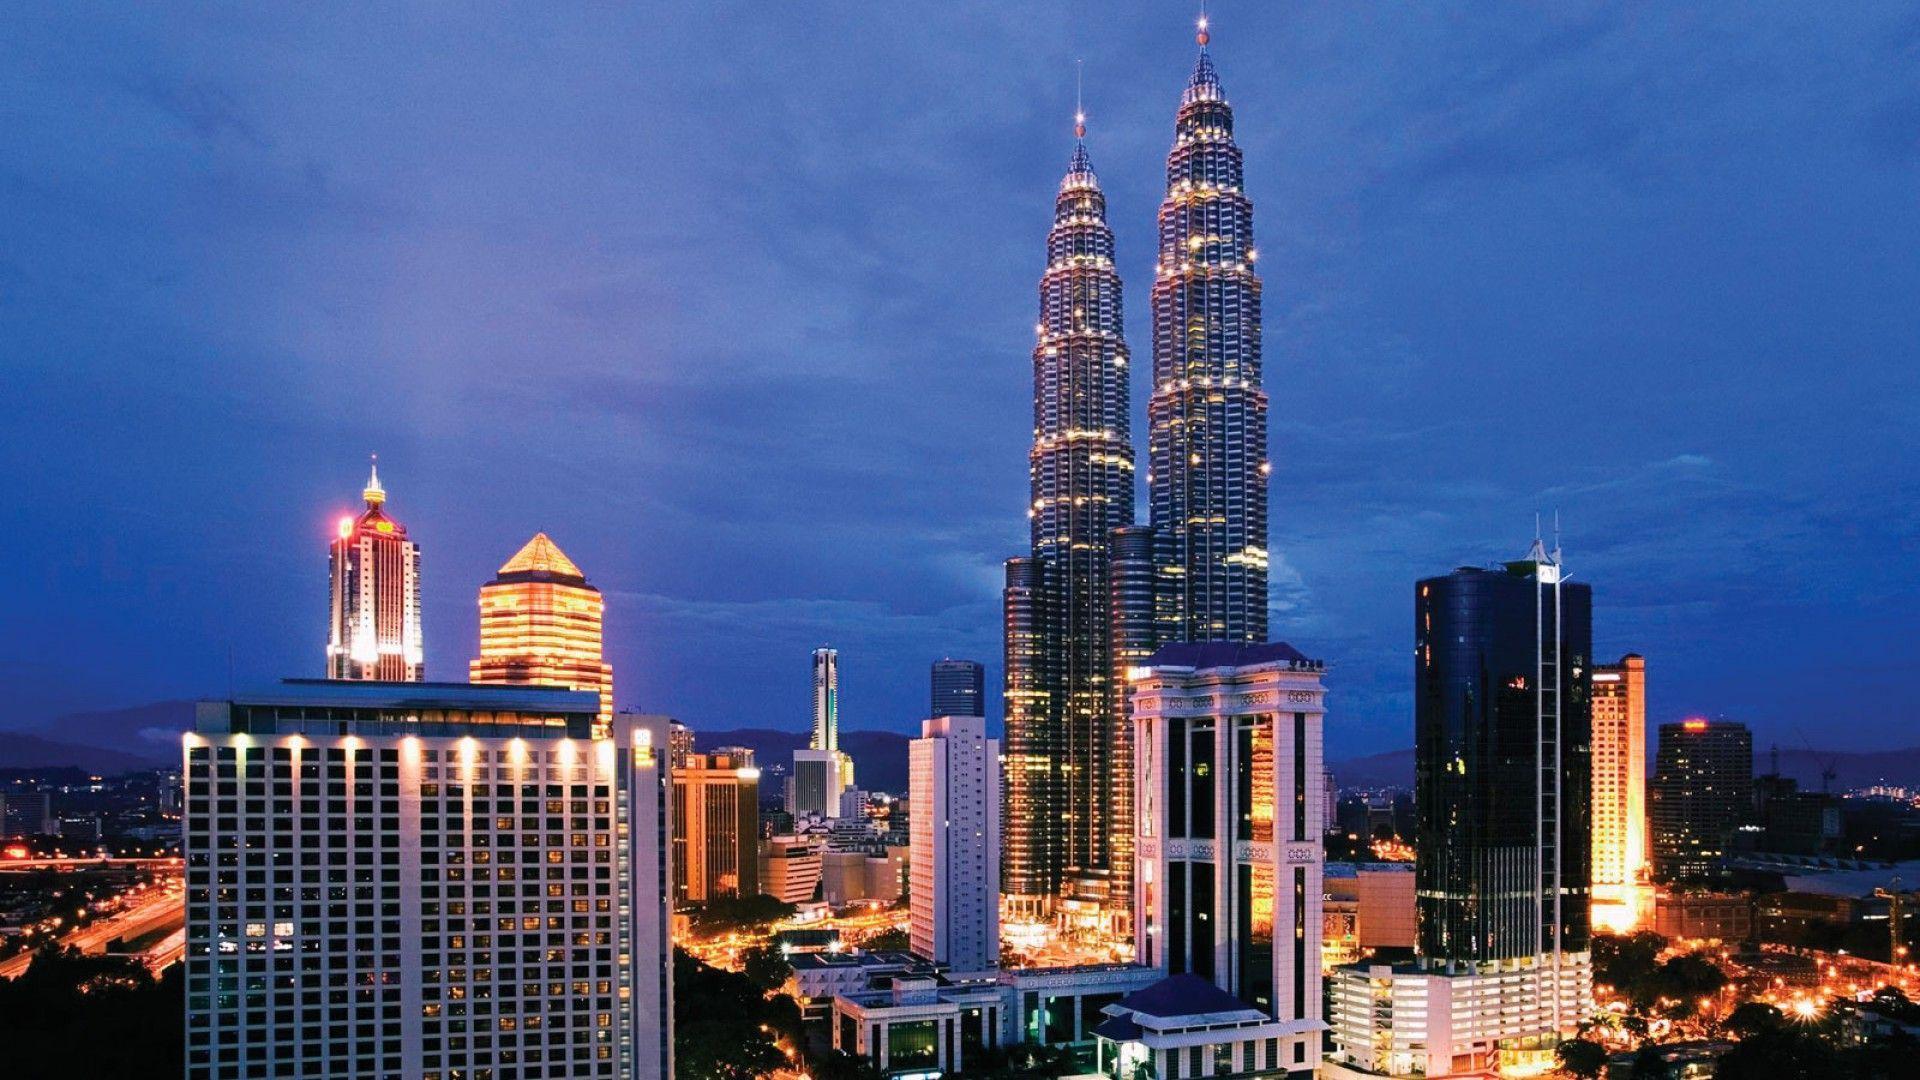 малайзия фотографии рекламные этом каждый народ